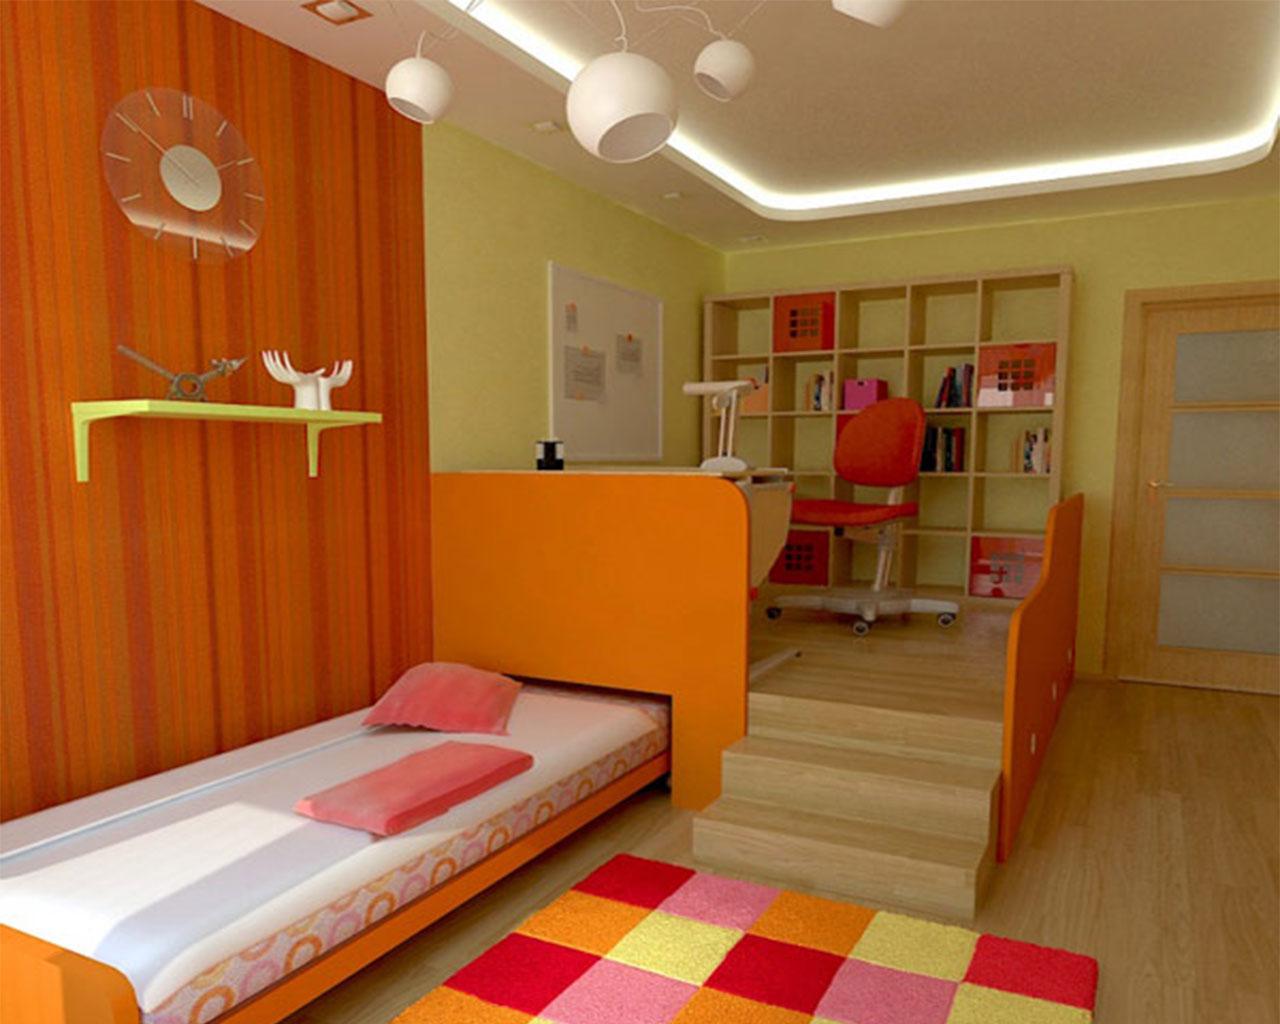 Комнаты для ребенка 11 лет фото